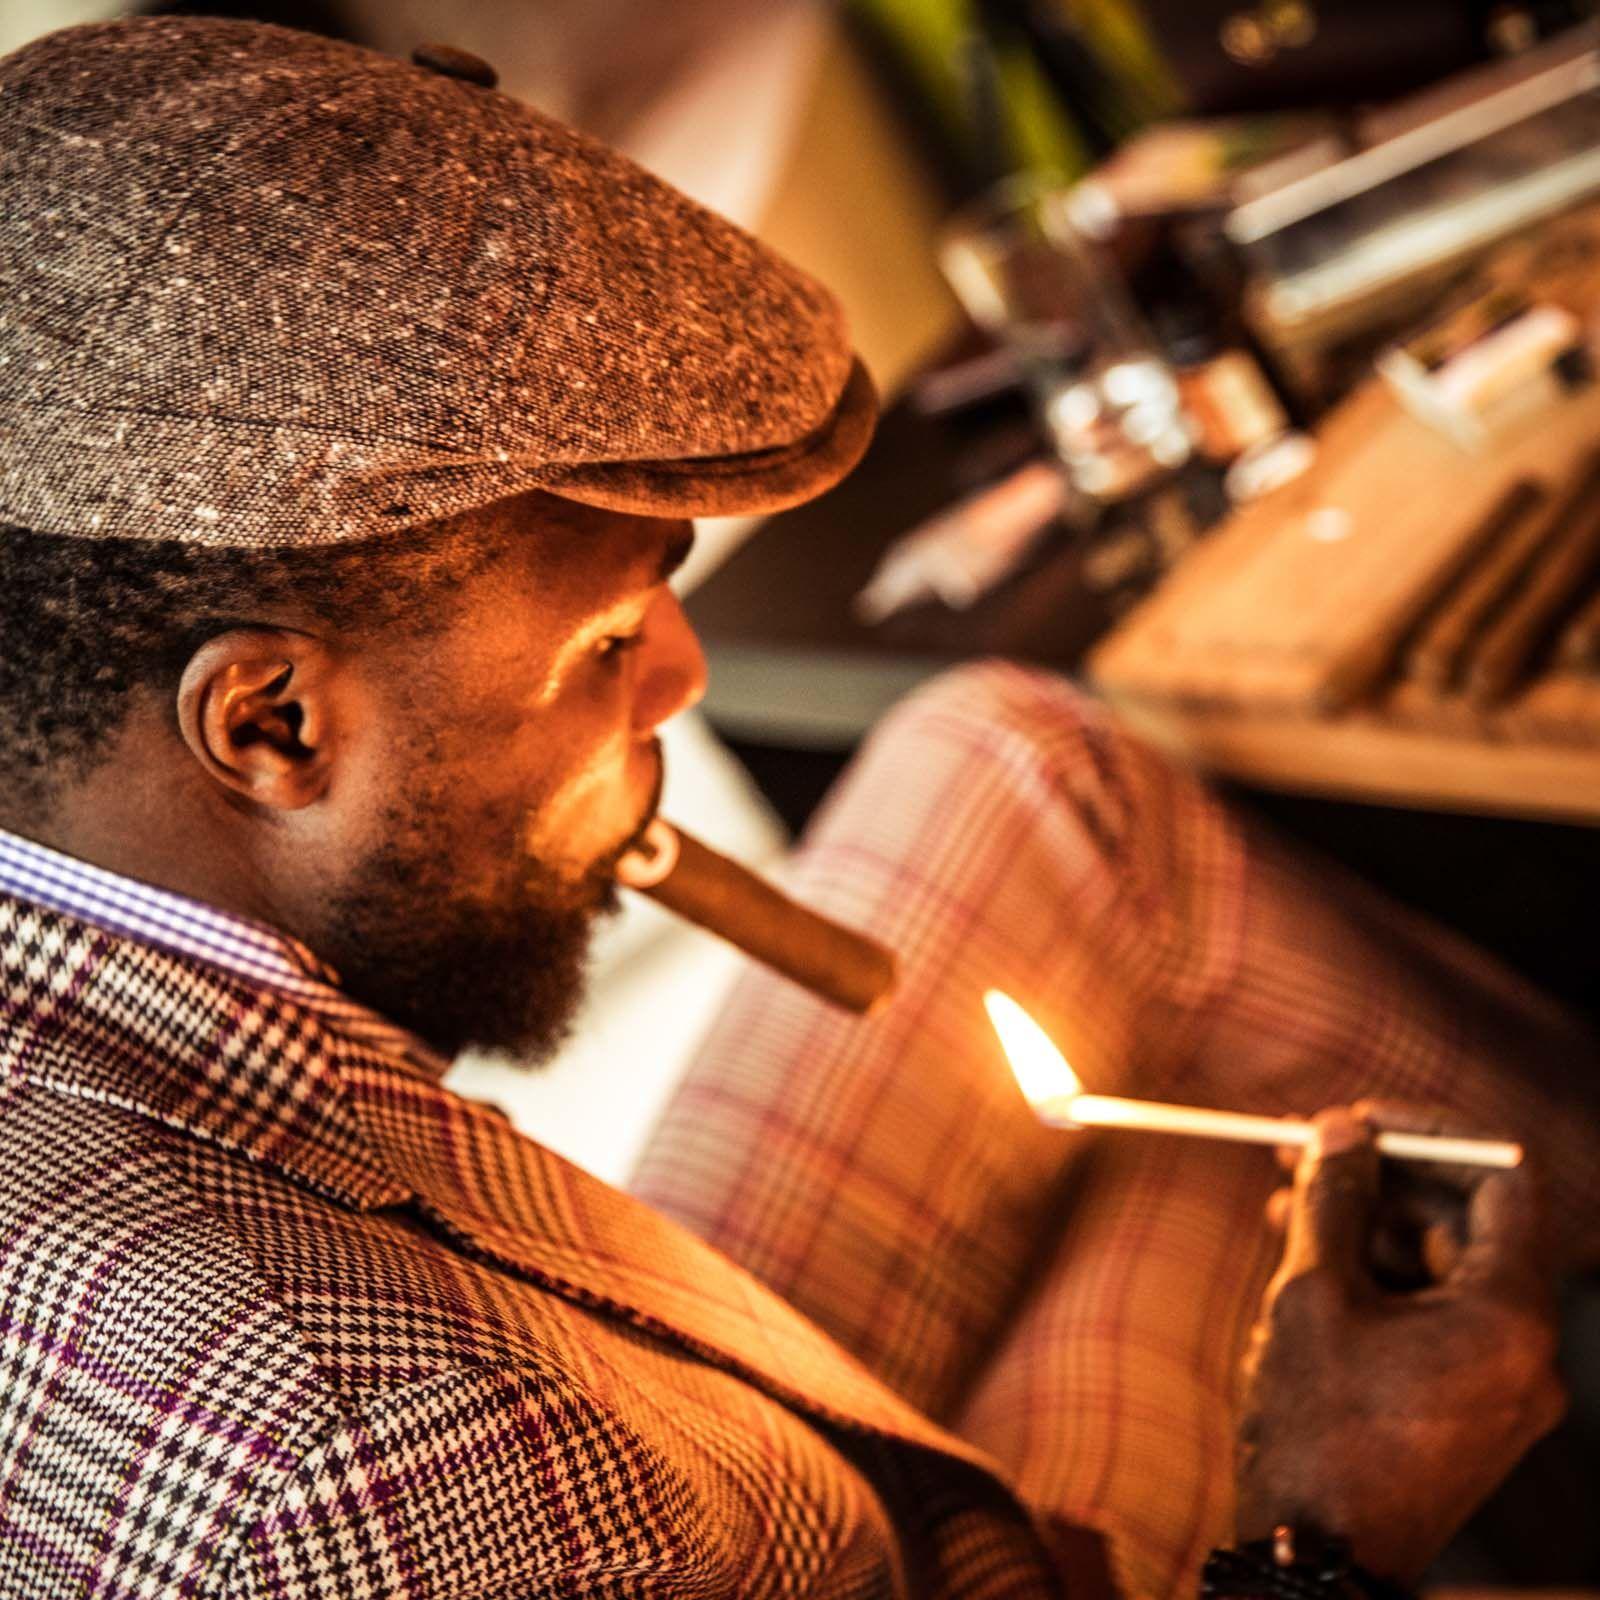 Zigarrendreher | Zigarrenroller | Zigarrenrollerin | Trocadero | Handgemacht | Zigarren | Drehen | Robusto | Corona | Churchill | Torpedo | Zigarren | Banderole | Bauchbinde | drehen | Tabak | Sumatra | Brasilien | Cuba